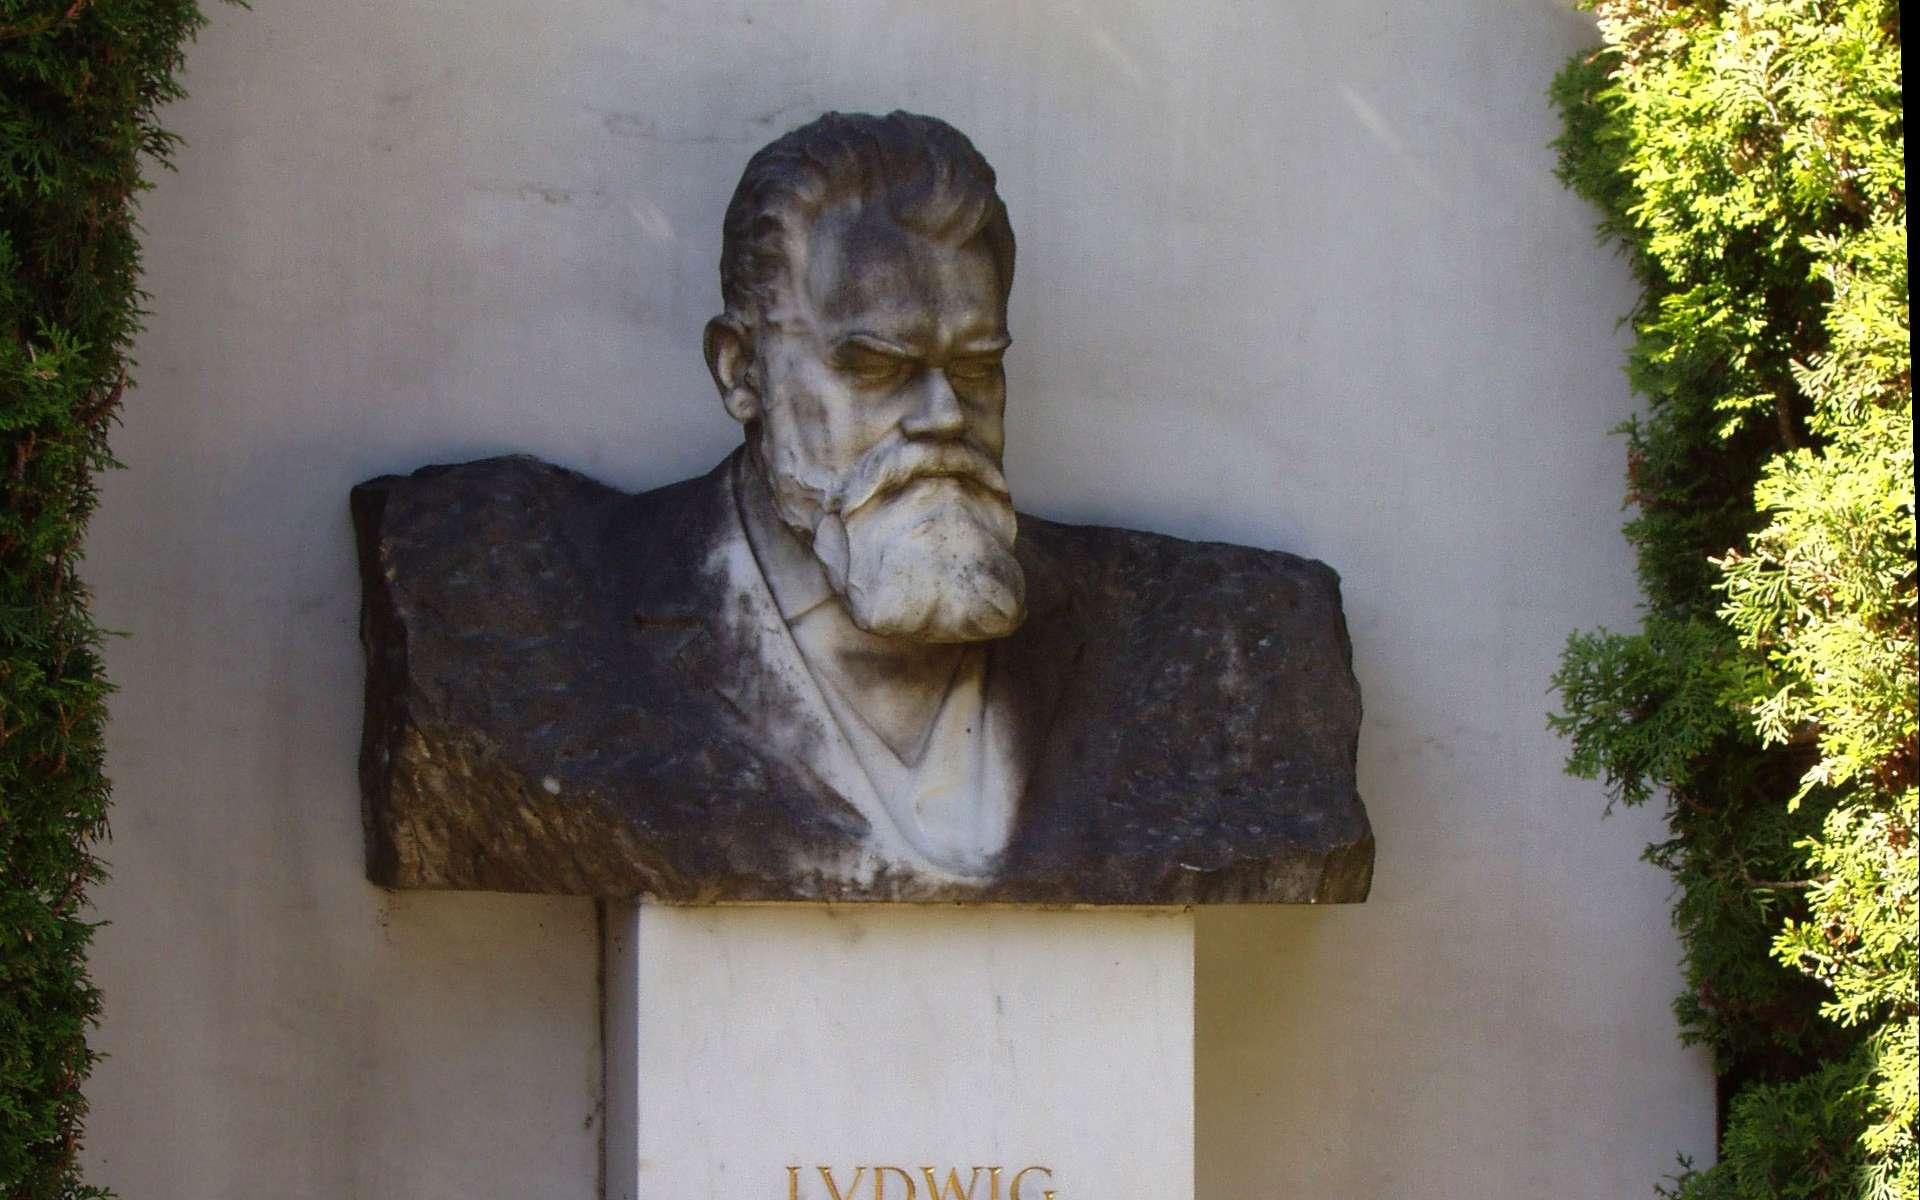 Sur la tombe de Ludwig Boltzmann figure, comme épitaphe, la formule qui a fait apparaître pour la première fois la constante qui porte son nom. © Daderot, Wikipédia, CC by-sa 3.0